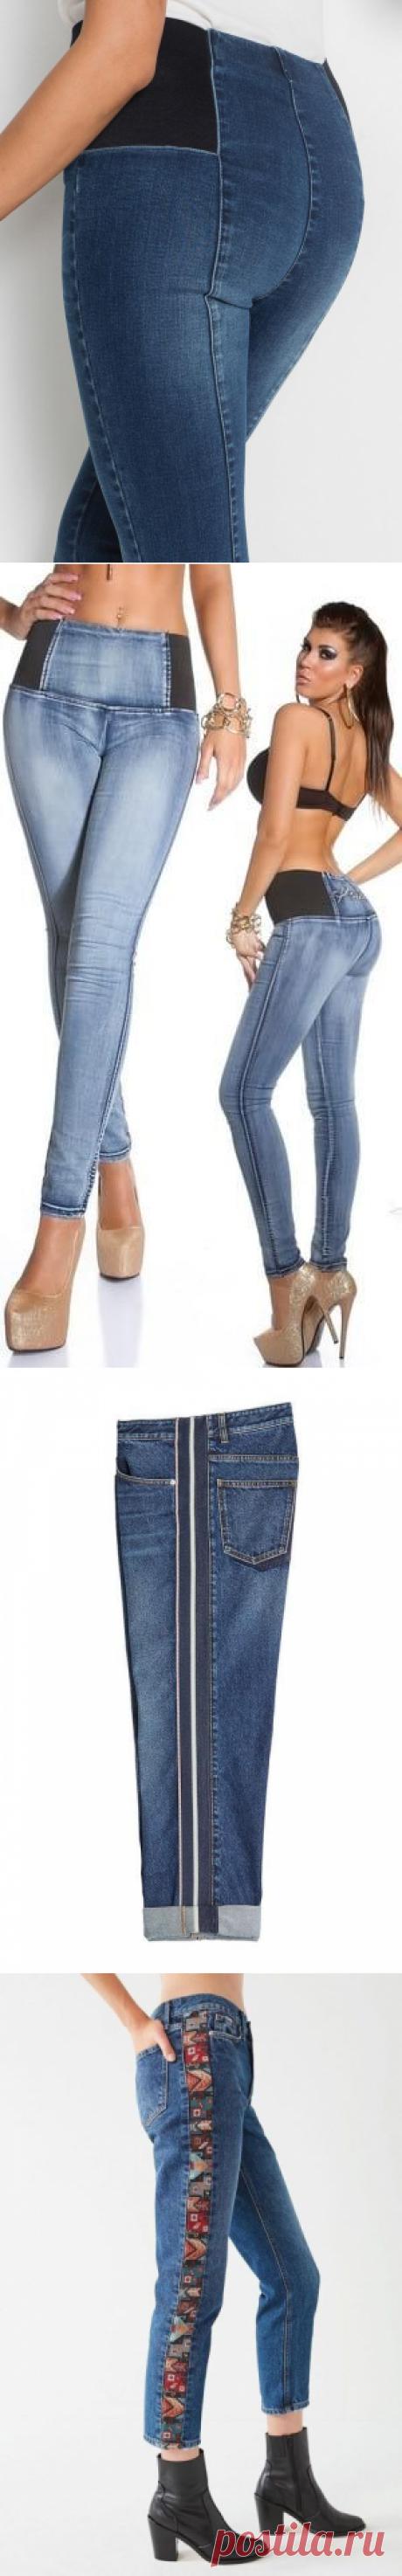 Стали малы джинсы - не беда! 6 советов, как расставить брюки!   Юлия Жданова   Яндекс Дзен